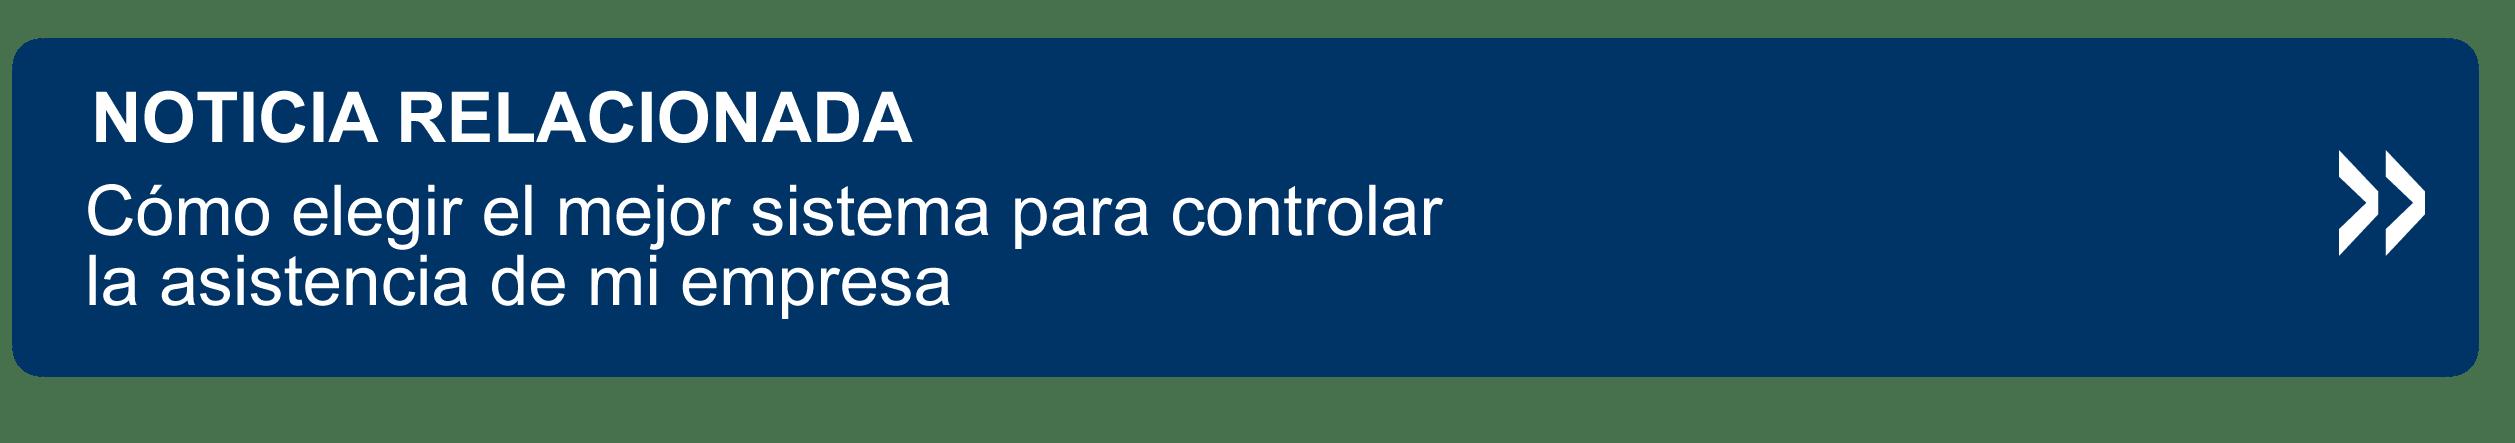 Nota Relacionada | Cómo elegir el mejor sistema para controlar la asistencia de mi empresa | Da clic.